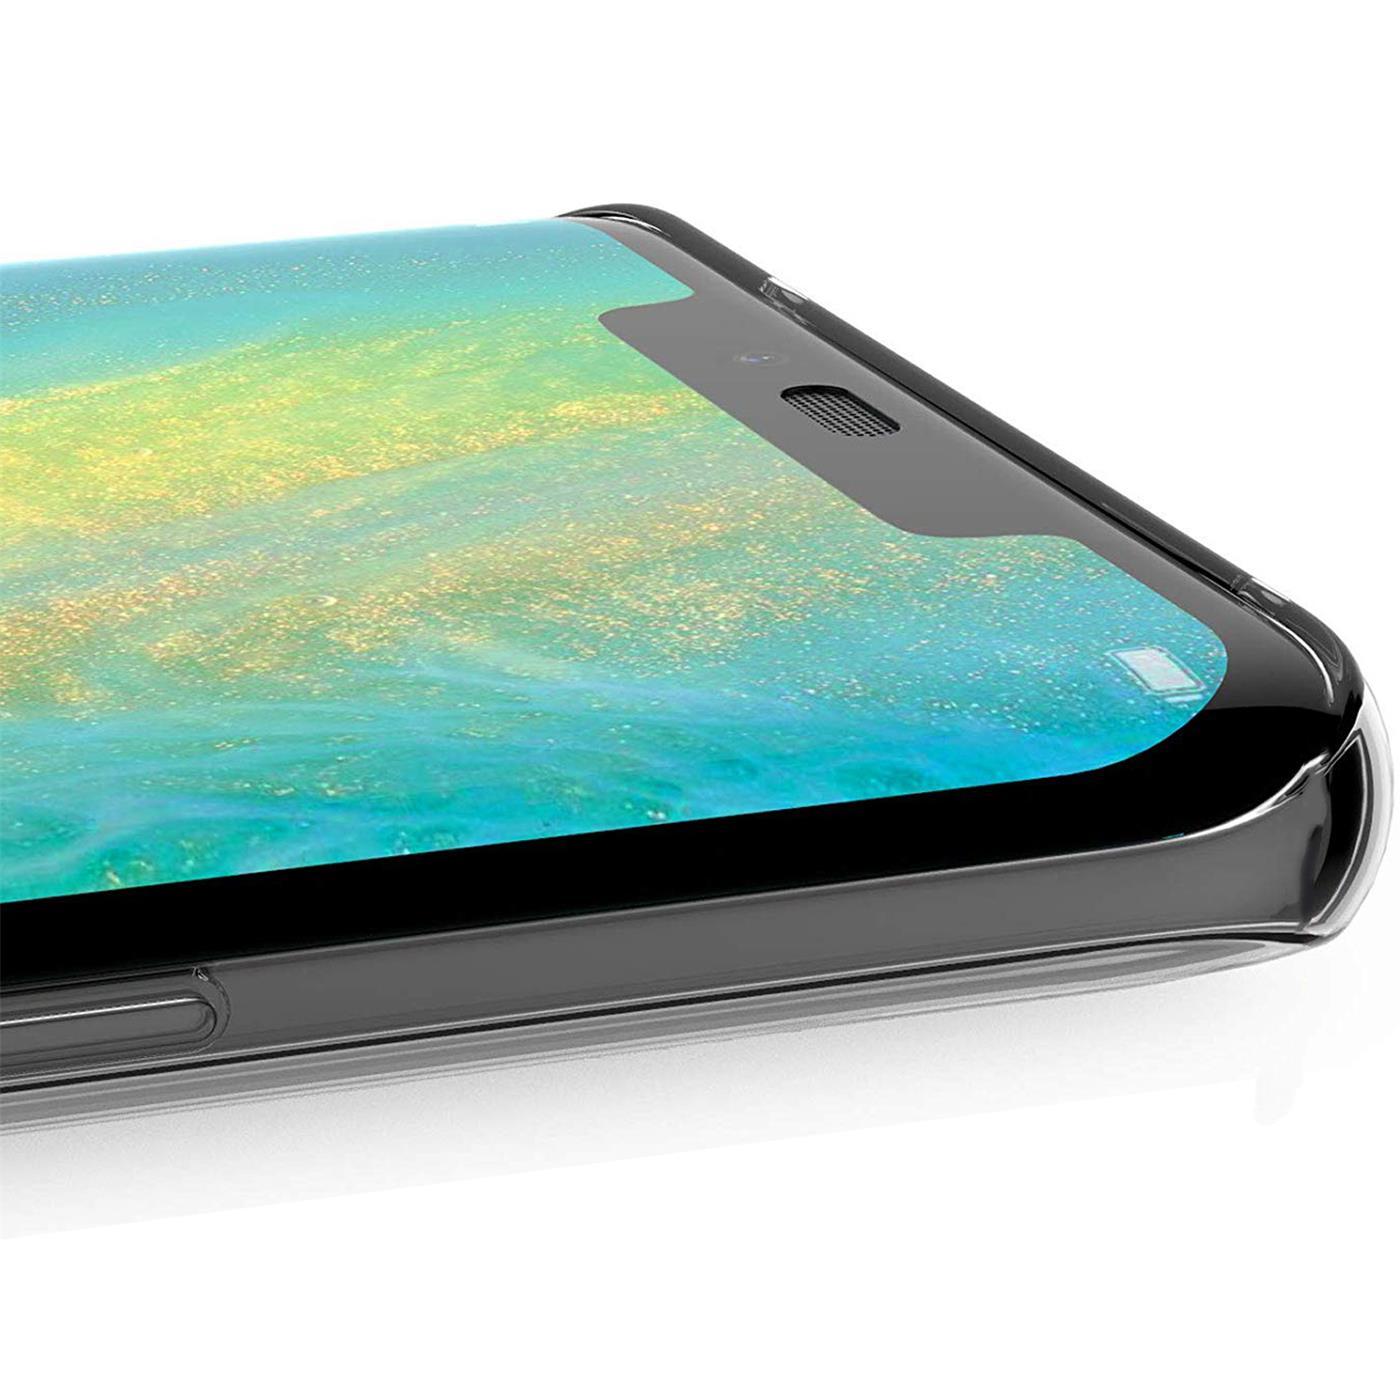 Huawei-P30-Lite-Motiv-Handy-Huelle-Silikon-Tasche-Schutzhuelle-Cover-Slim-TPU-Case Indexbild 50